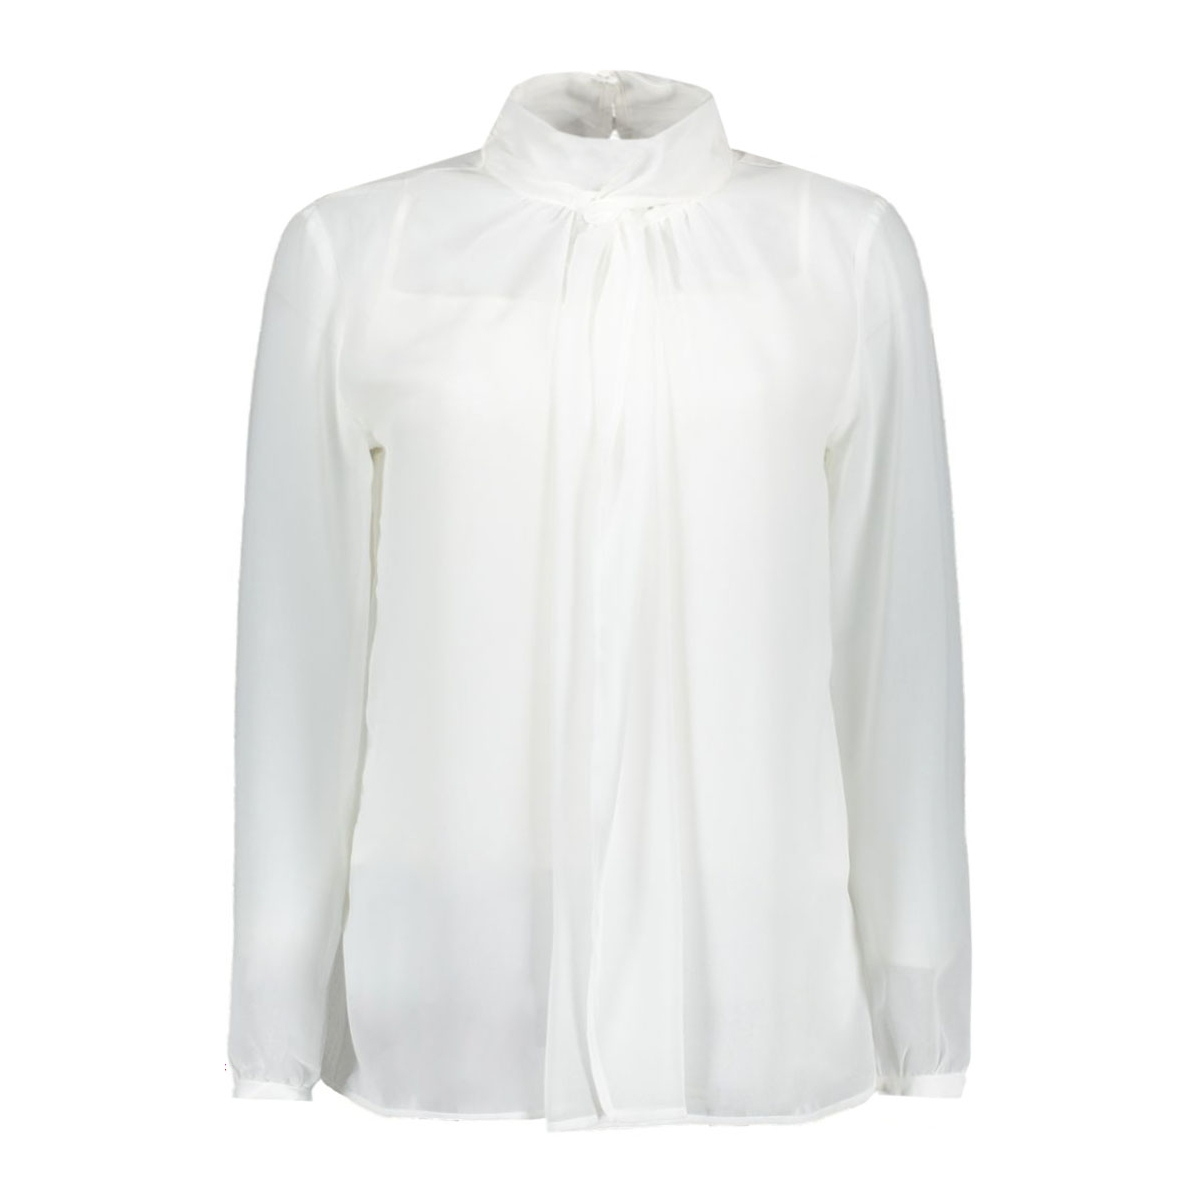 106eo1f015 esprit collection blouse e110